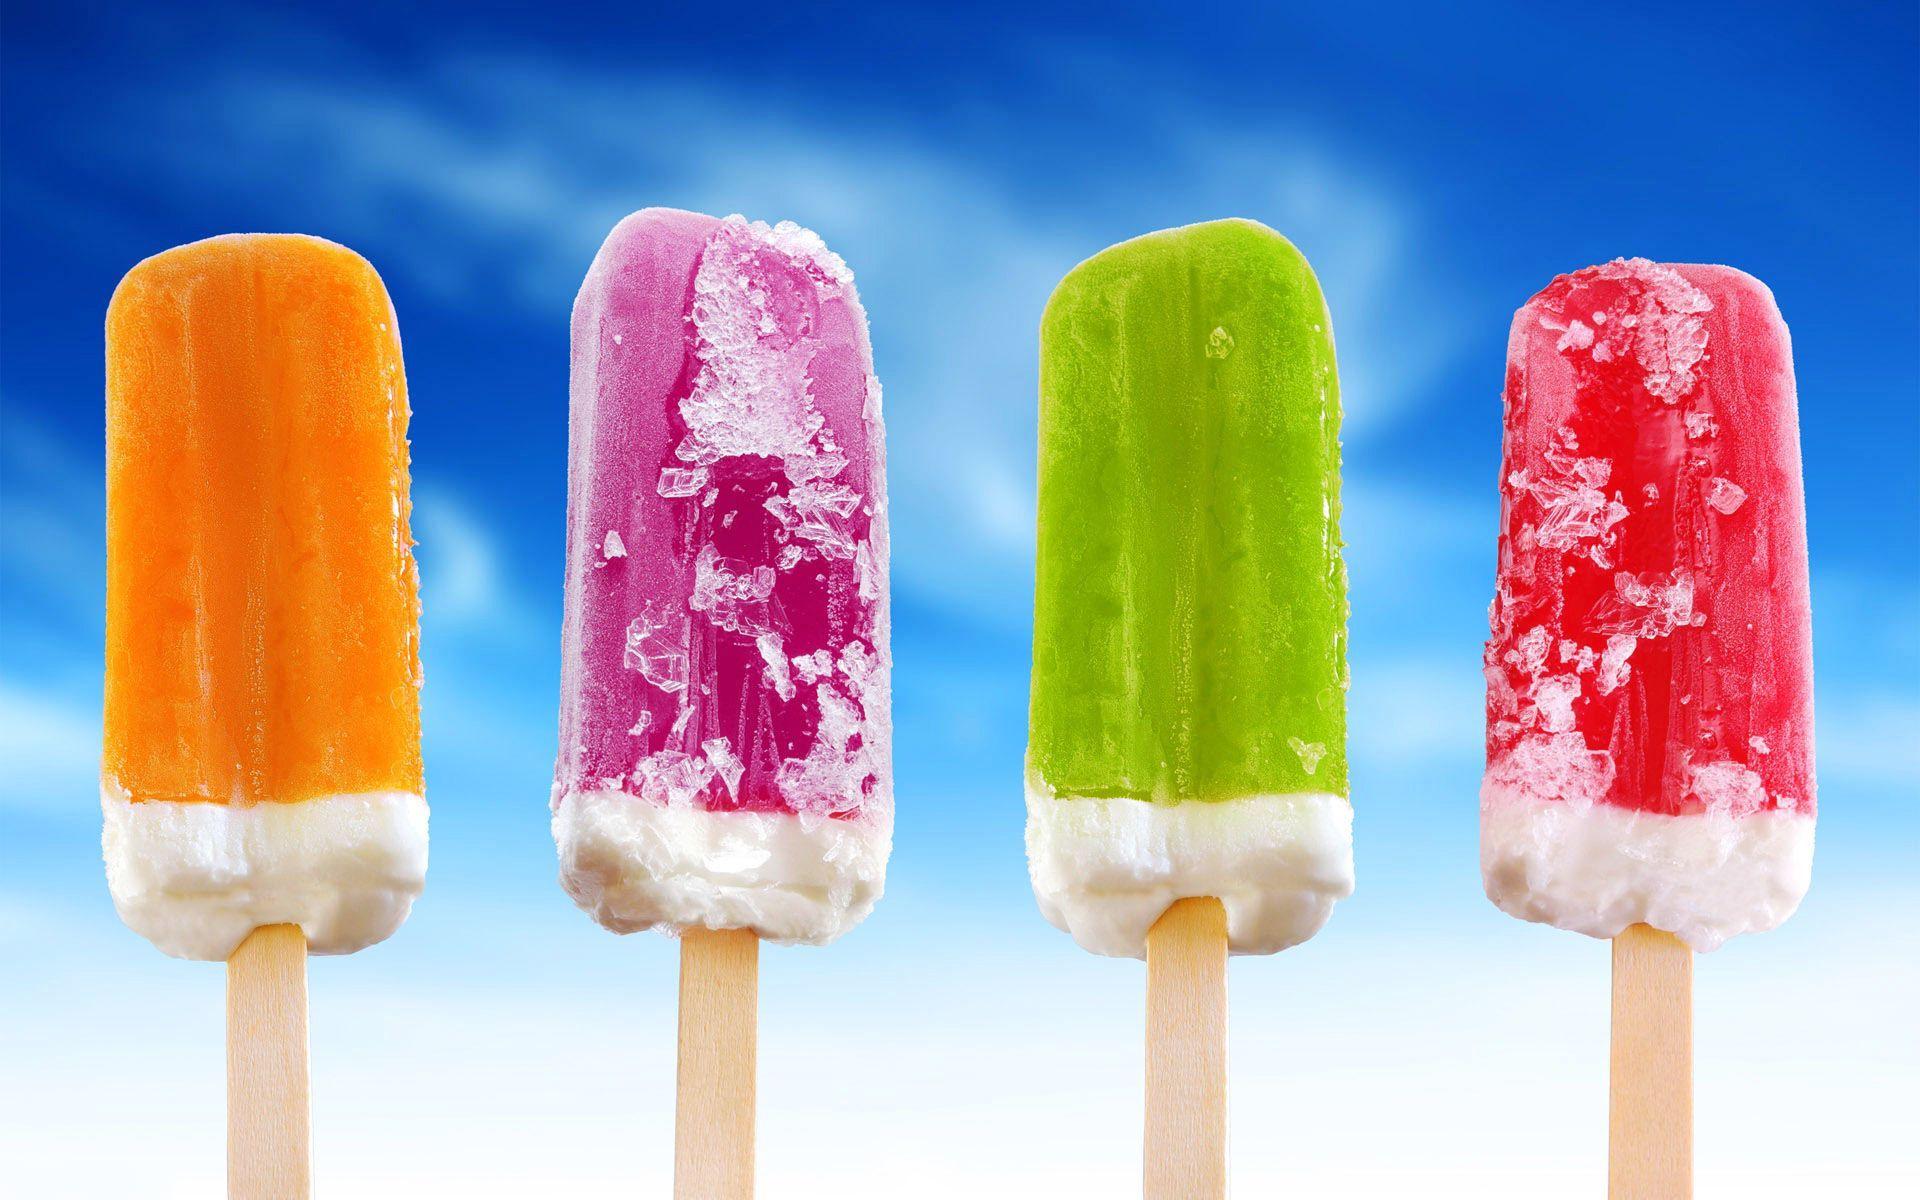 photos of ice cream